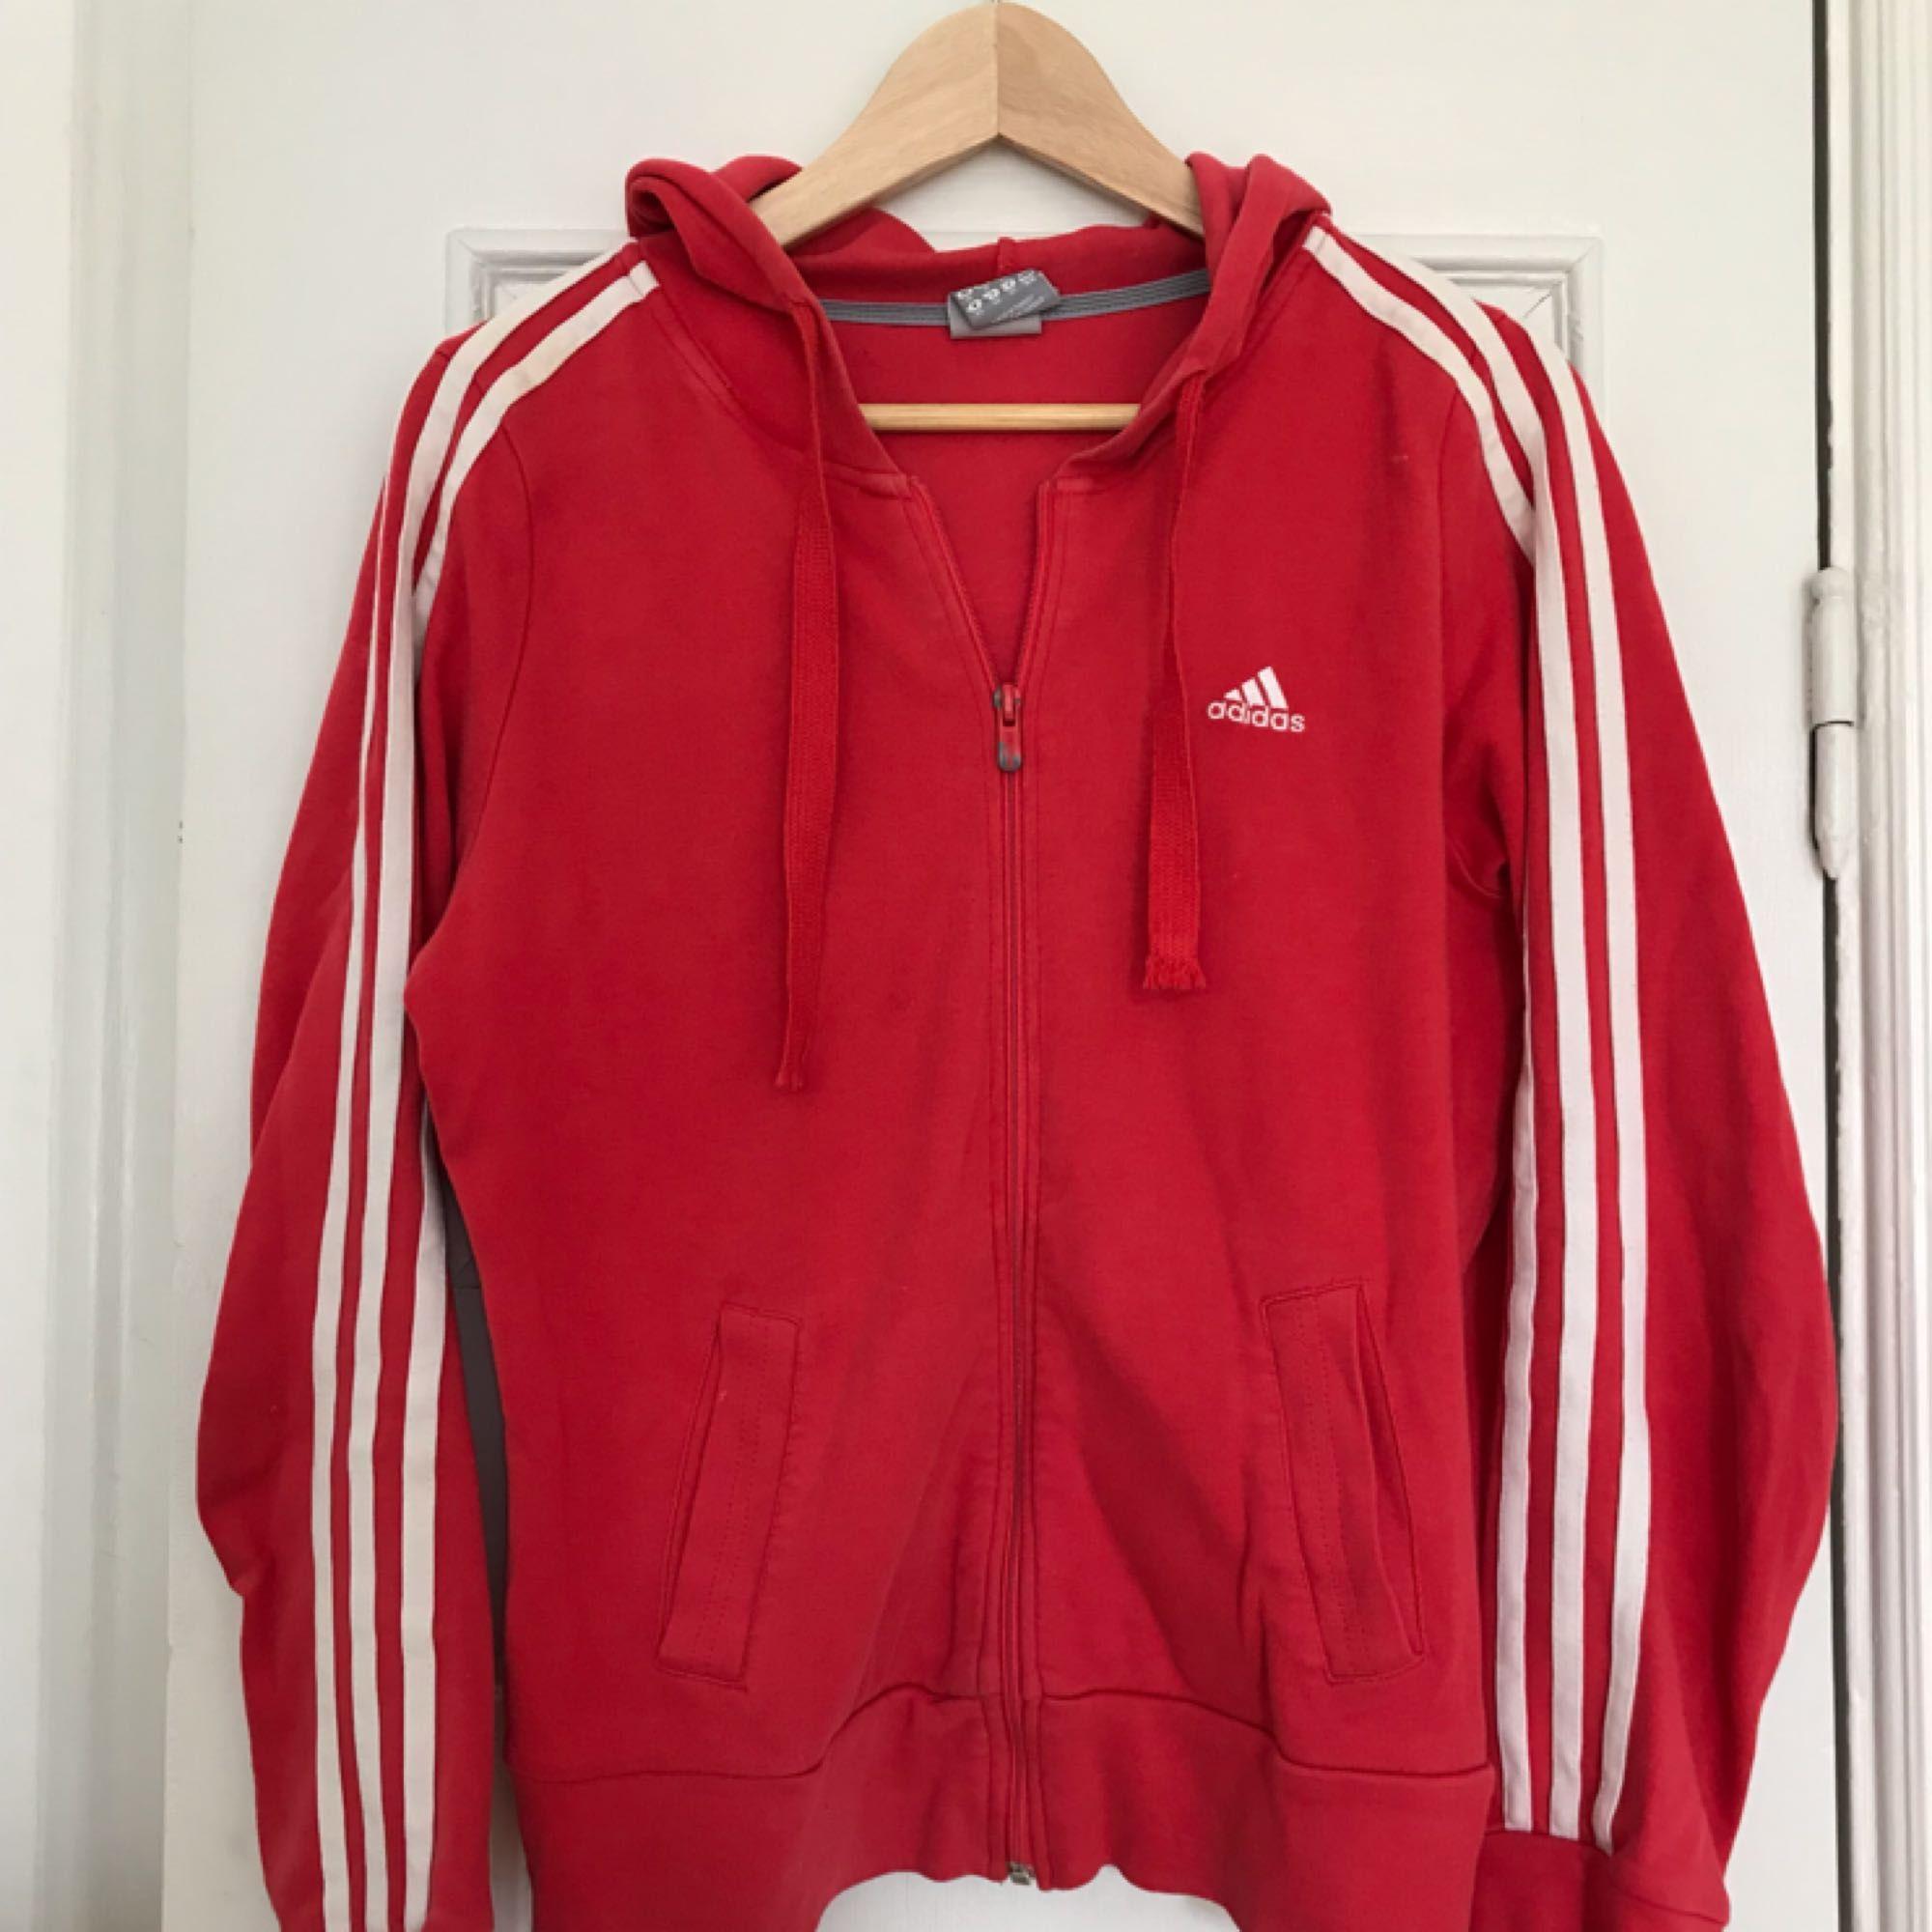 En hoodie från Adidas, köpt på Second hand i Paris. Superskön och funkar att klä upp eller som mysplagg. Kan mötas upp i Stockholm. Om man vill ha den skickad är priset 100kr exkl. frakt. Huvtröjor & Träningströjor.